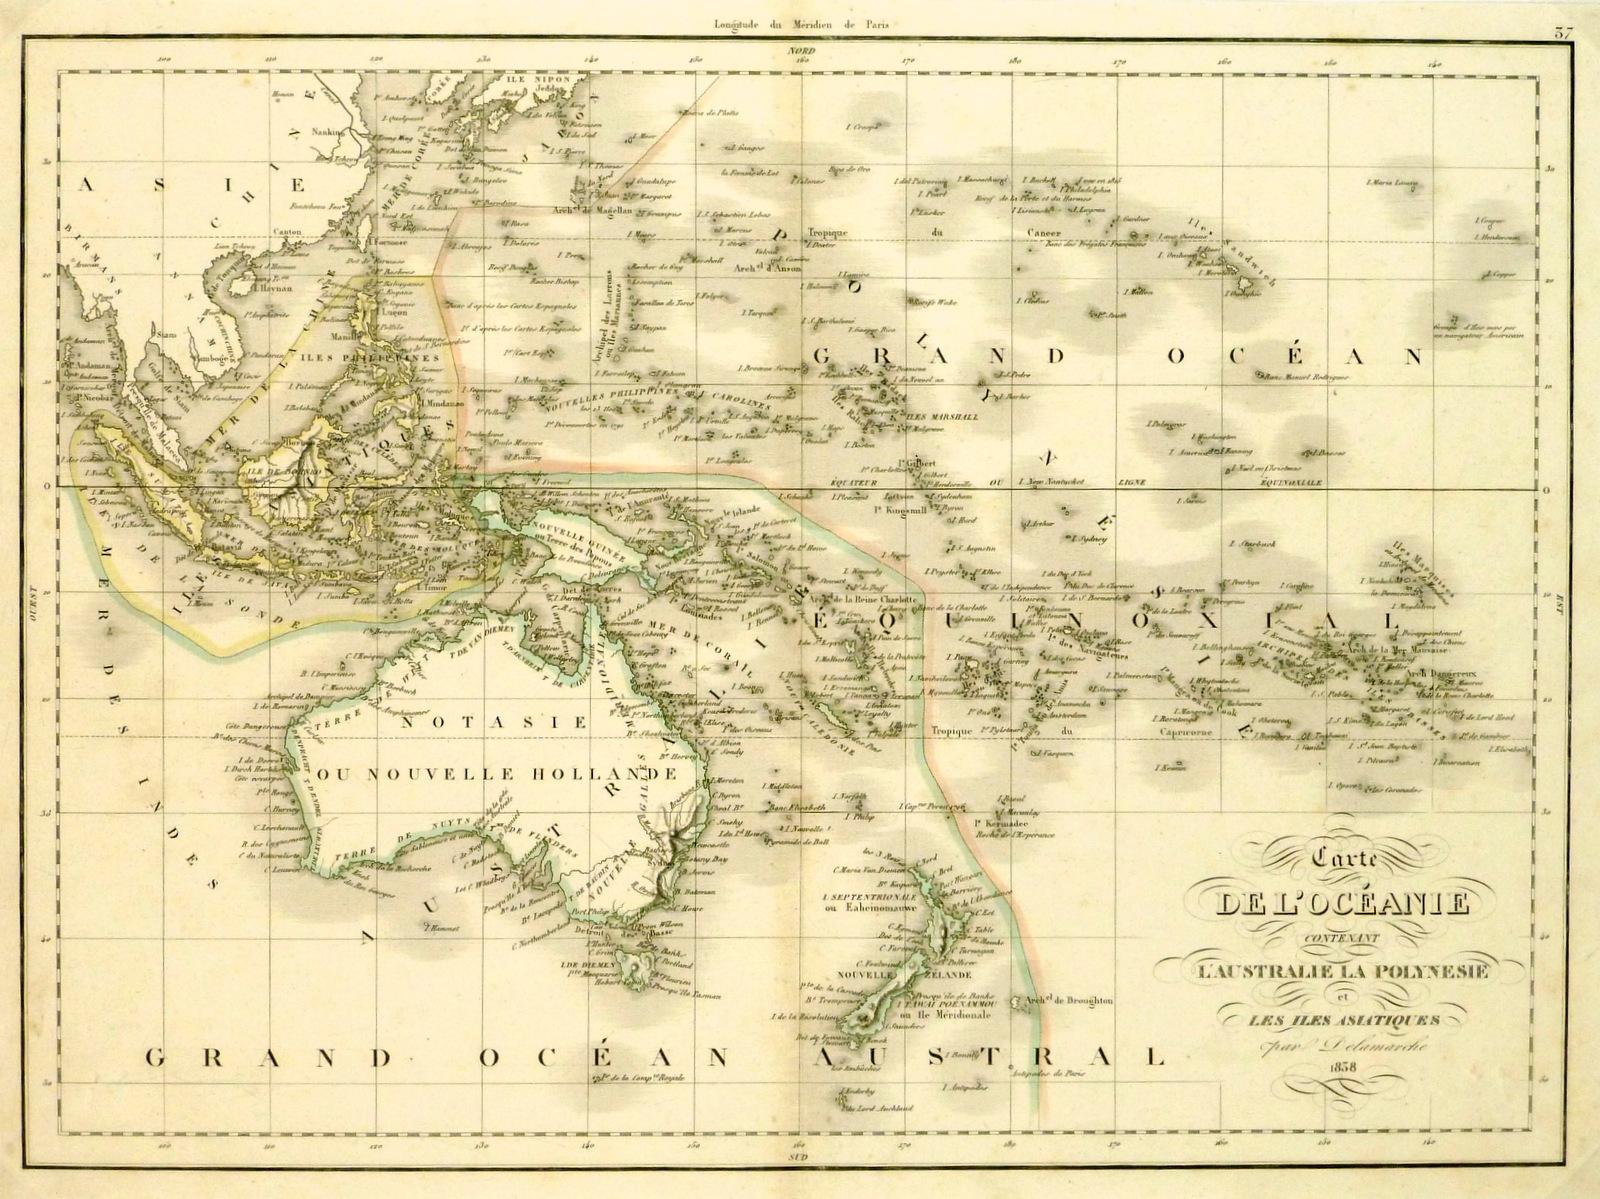 Australia & Polynesia Map, 1838-main-8076k